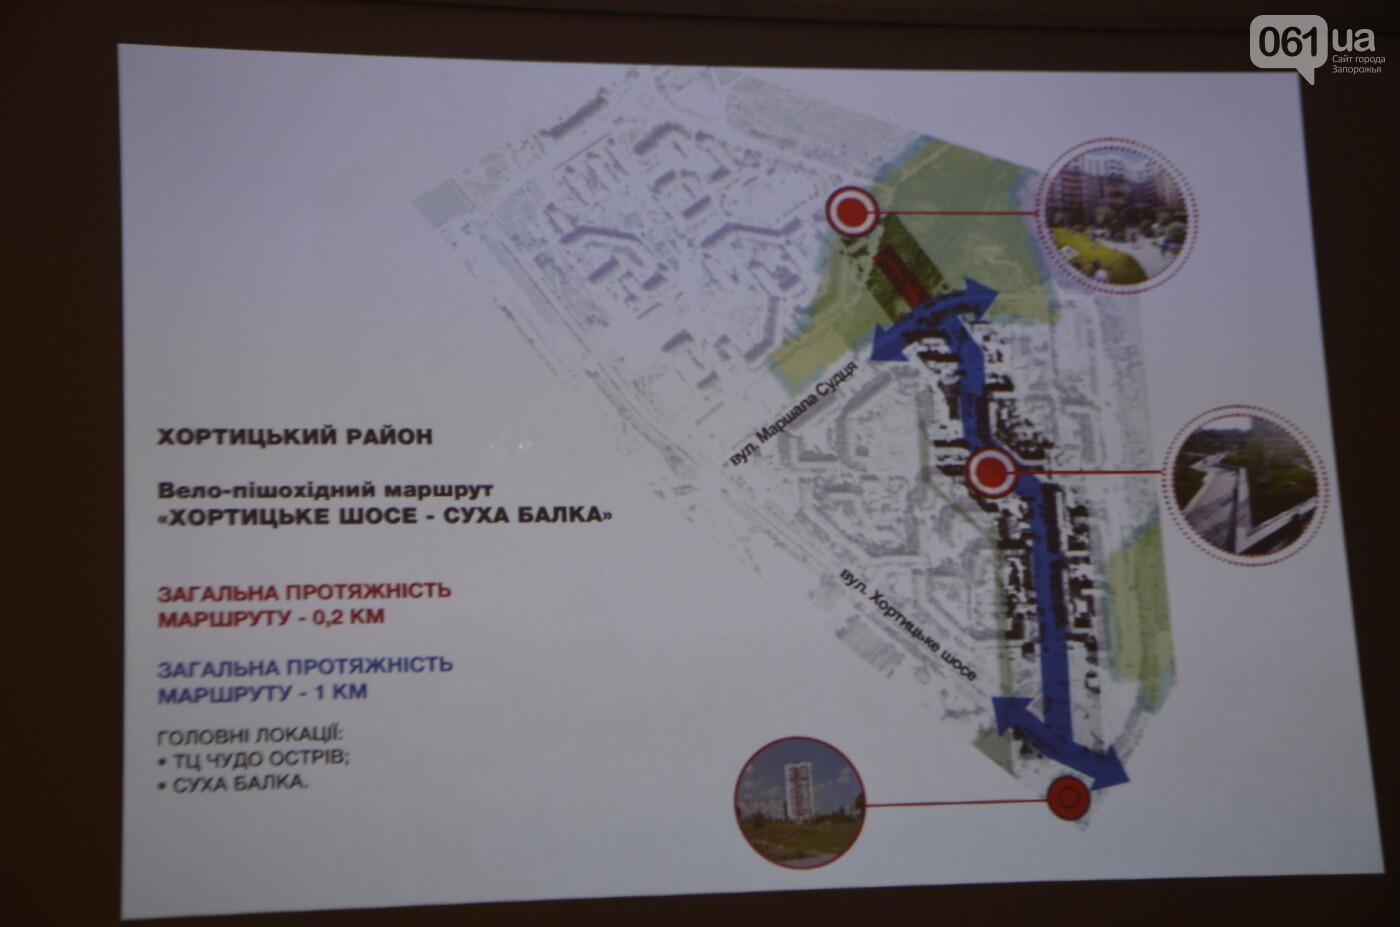 В Запорожье предлагают разрабатывать новые зеленые зоны, велопешеходные и экологические маршруты, фото-14